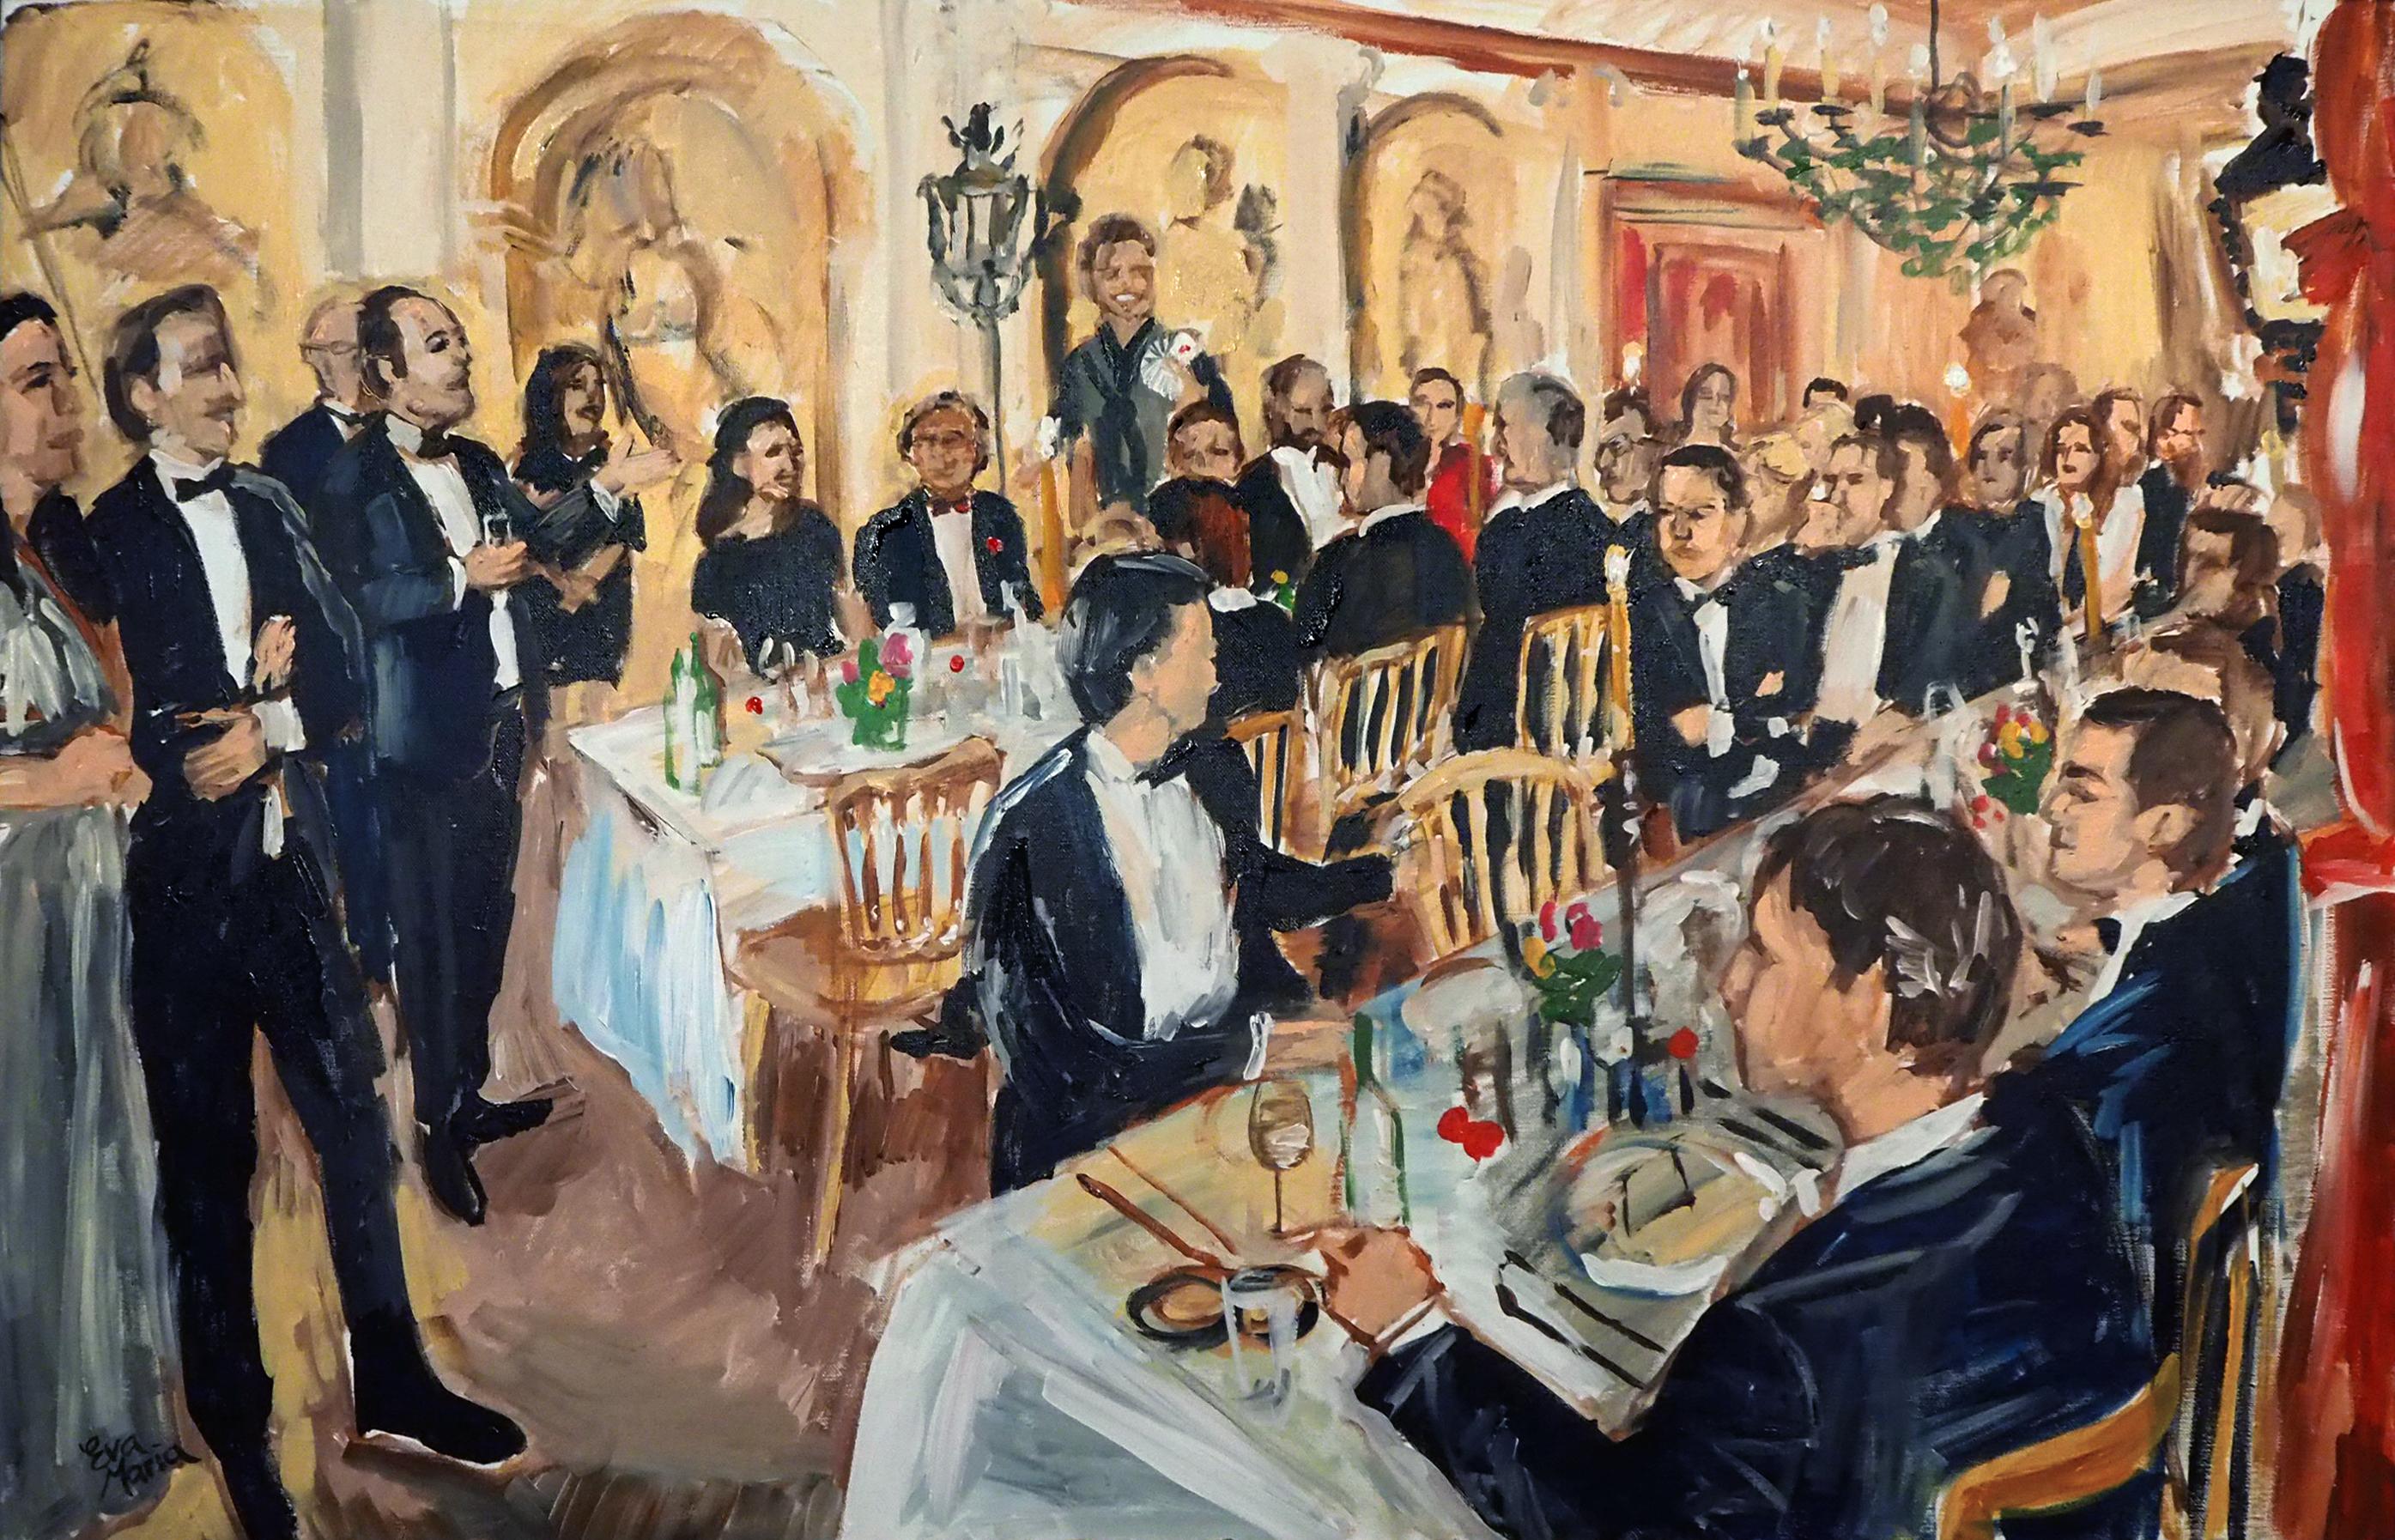 Live Paint Eva Maria Baambrugge